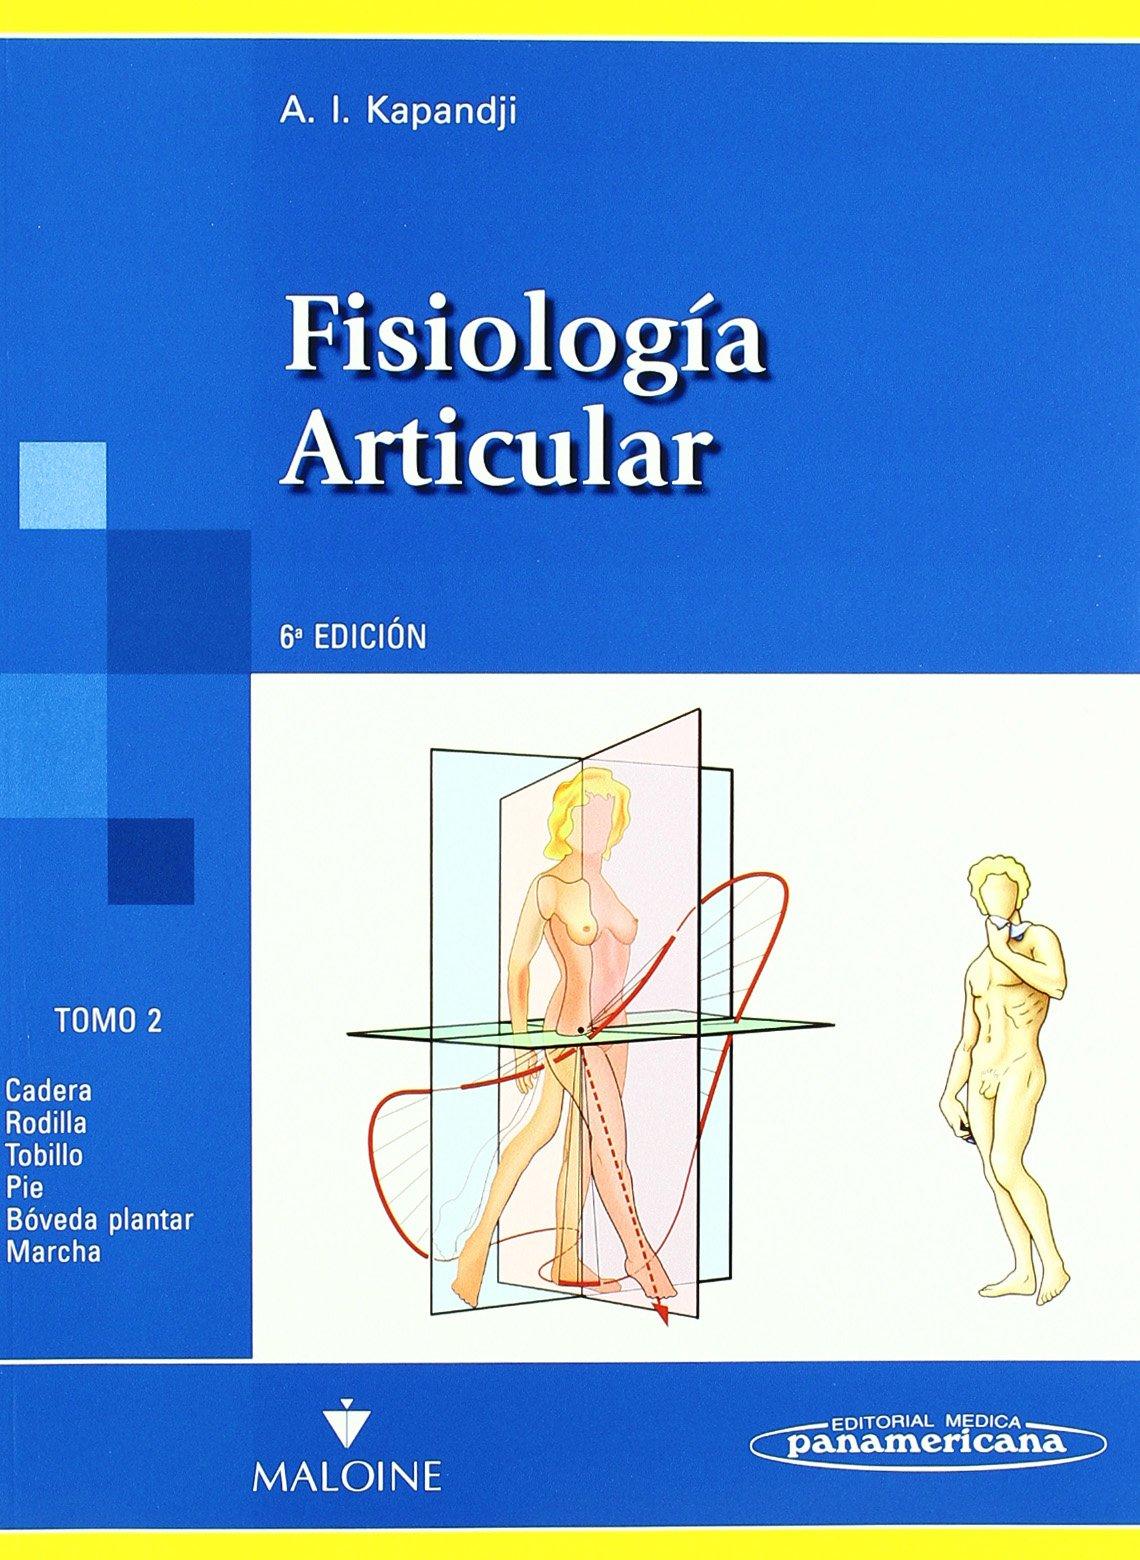 Fisiologia articular (3 vols.): Amazon.es: A.I. Kapandji: Libros